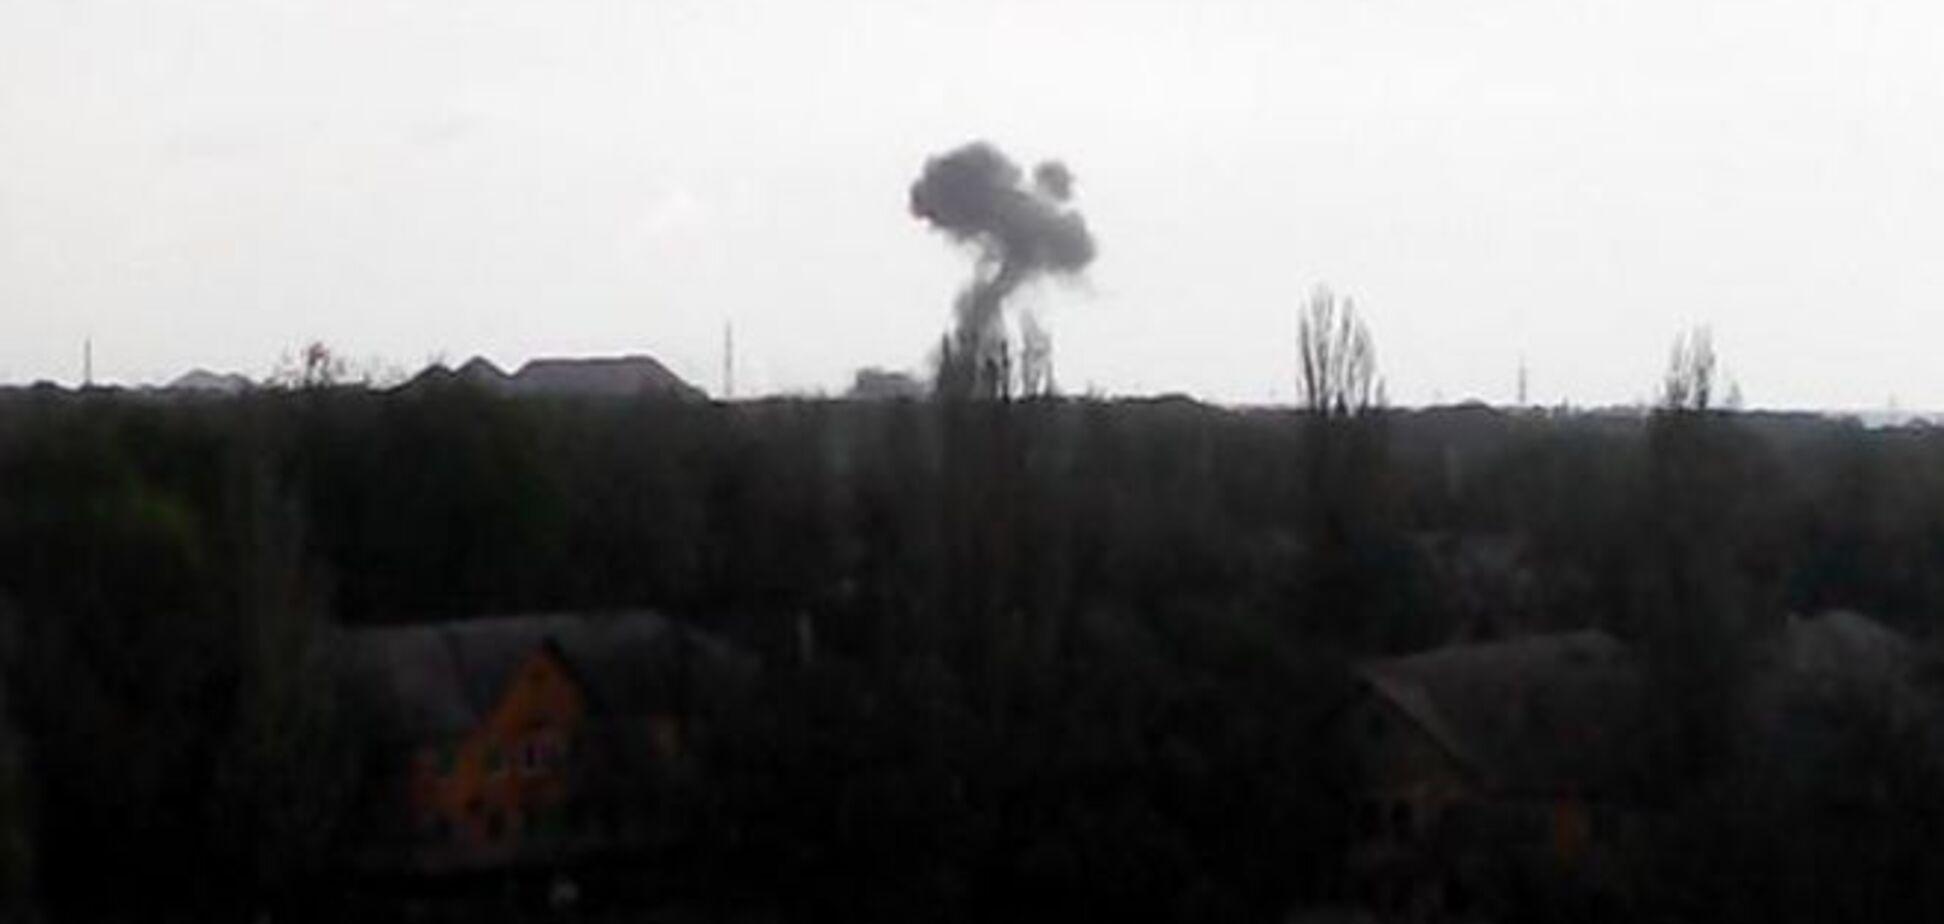 В Донецке взорвалась база террористов с тяжелой артиллерией